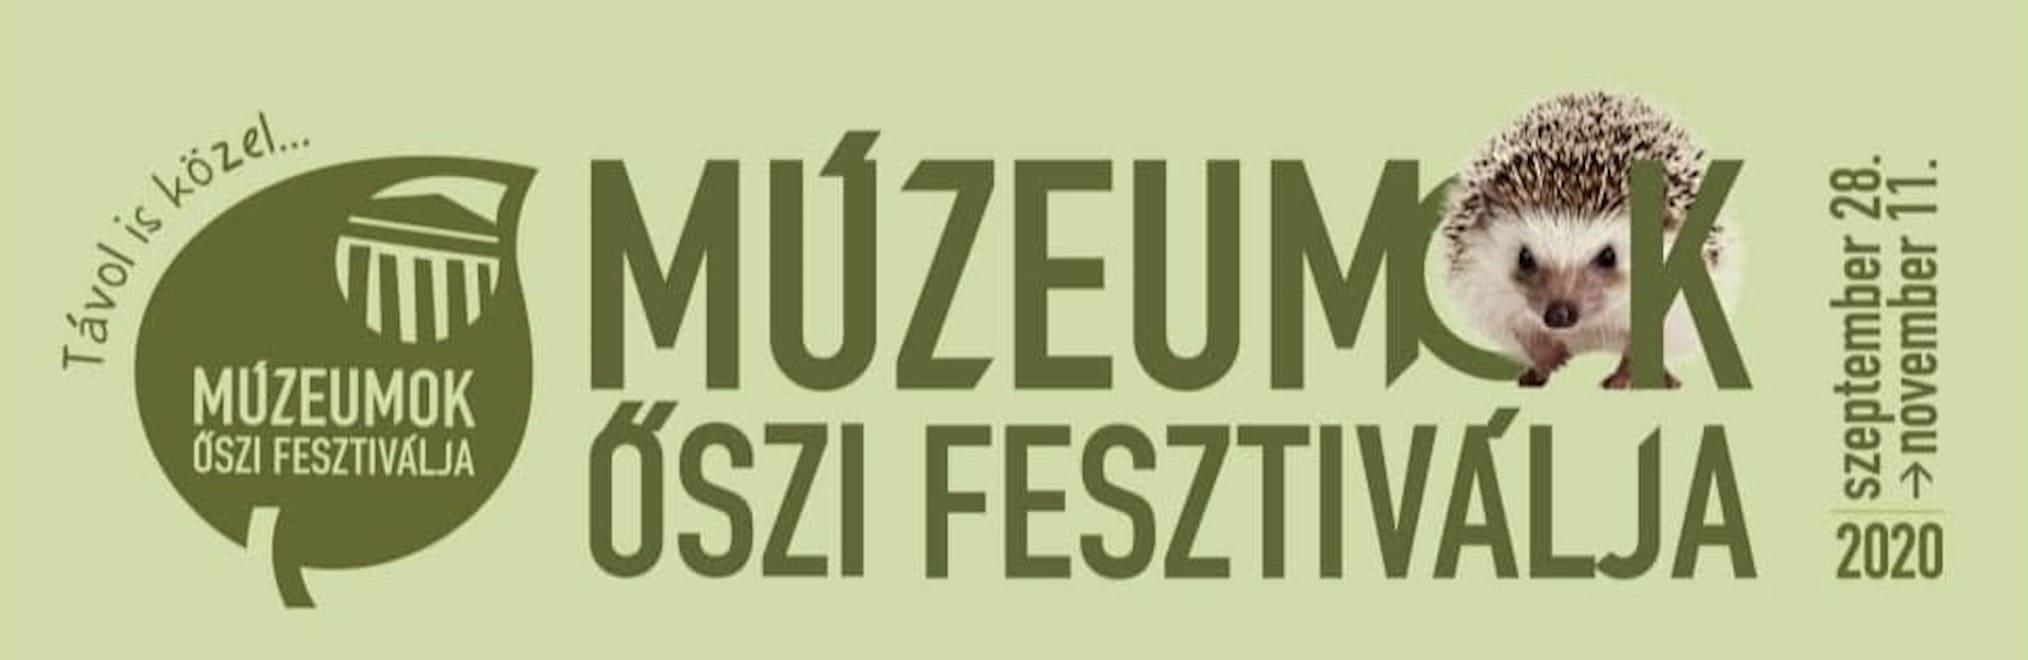 muzeumok oszi fesztivalja 2020